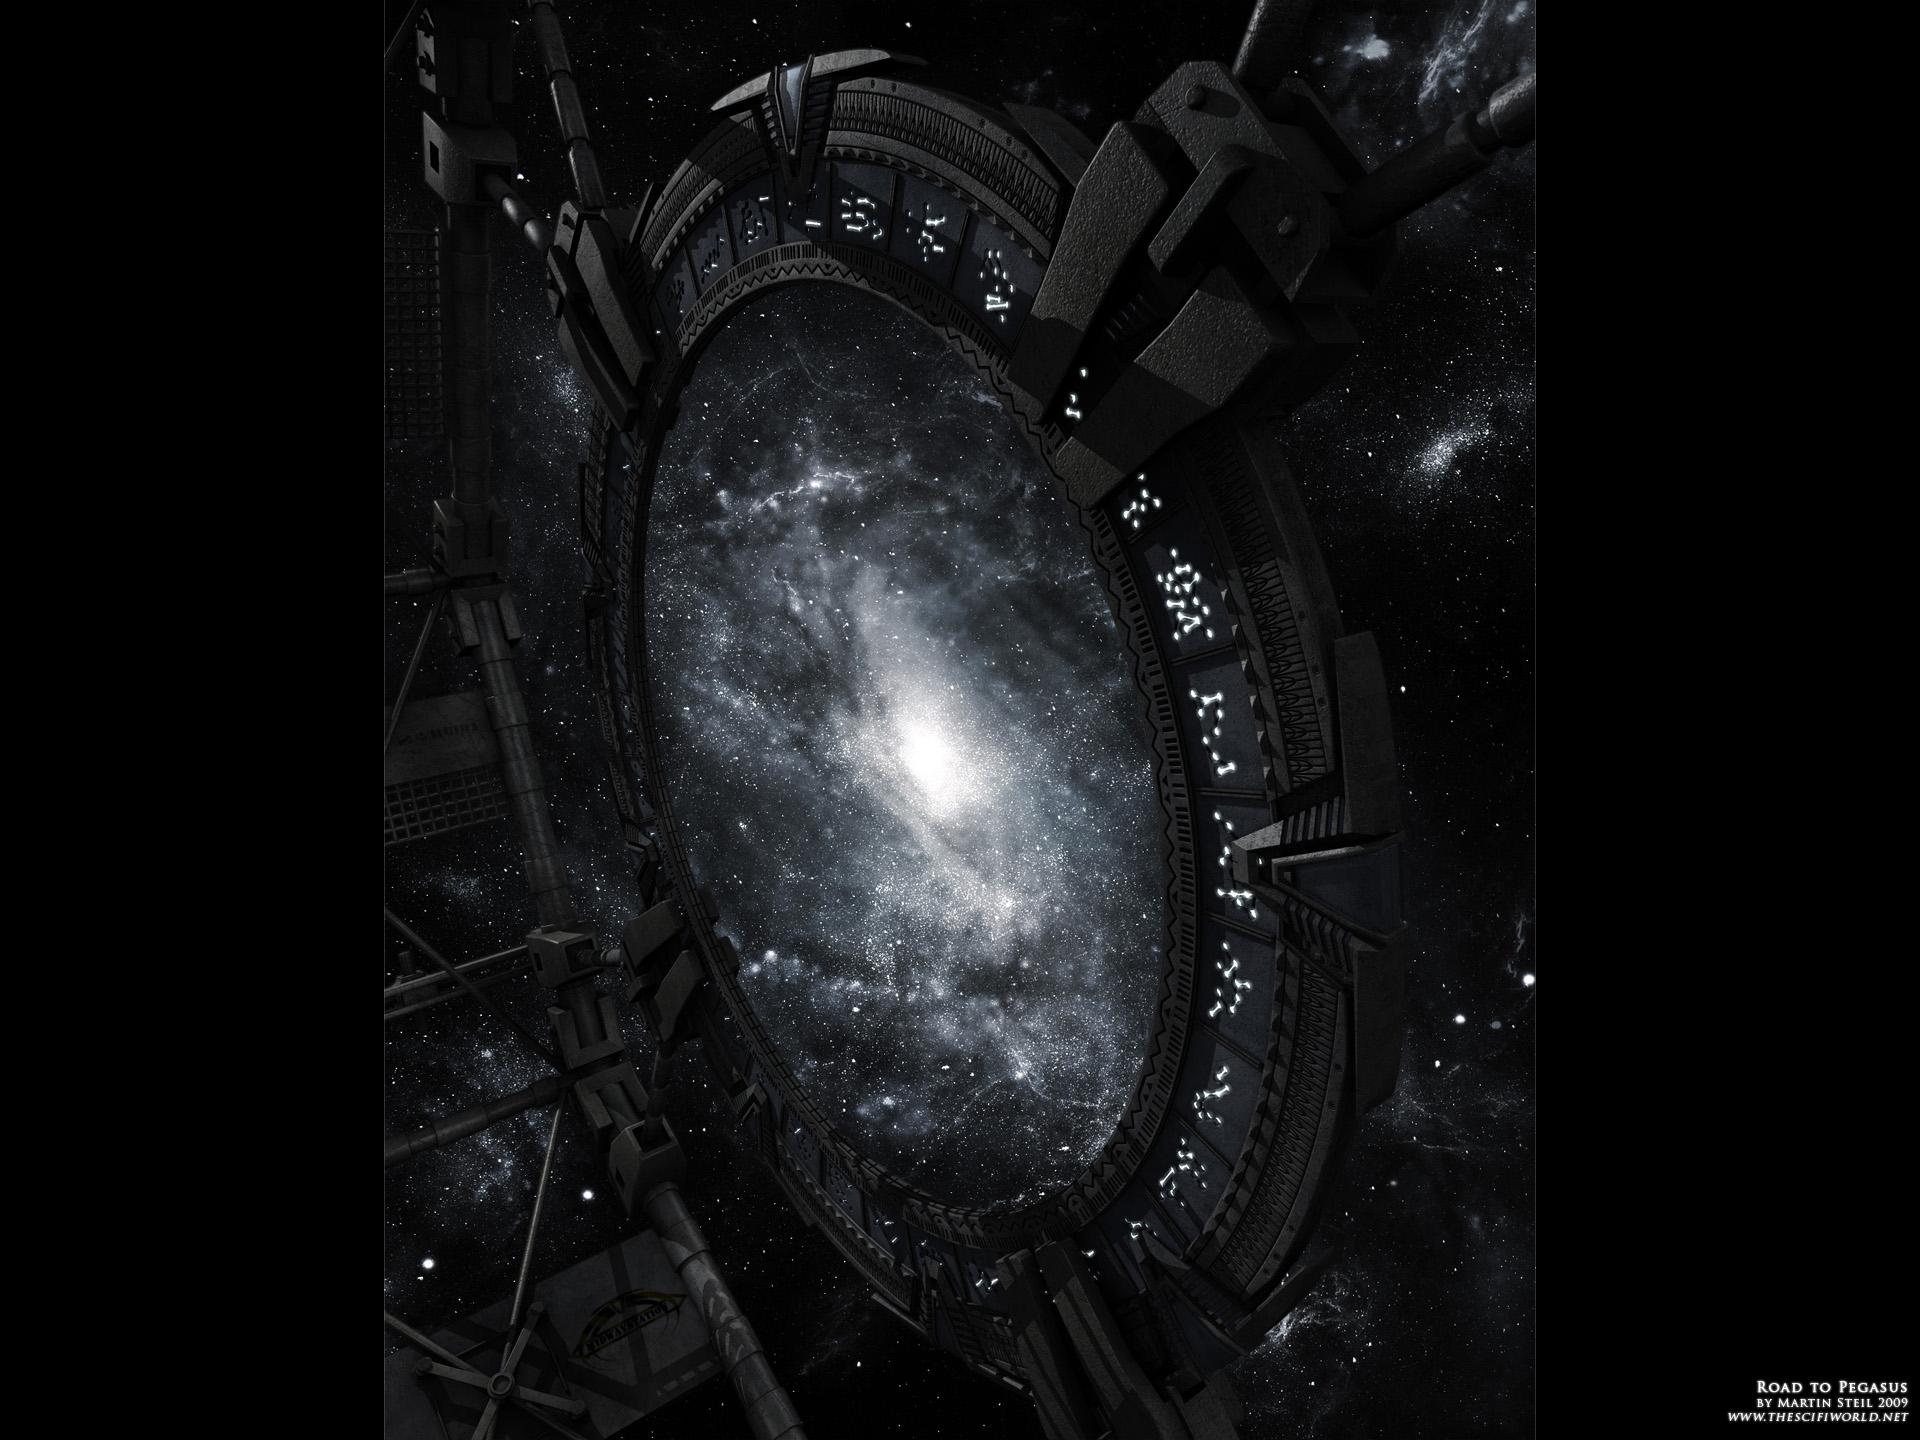 wallpaper Stargate SG-1 Stargate Atlantis